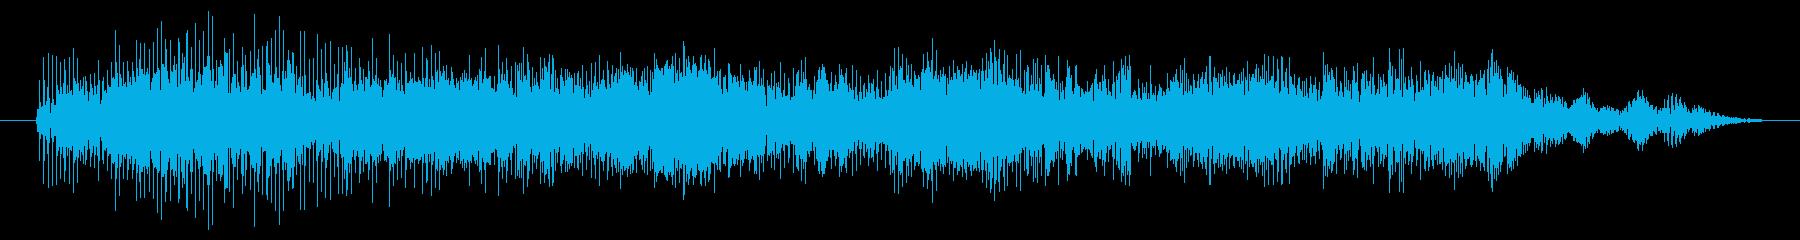 打撃 エイリアンシンセ03の再生済みの波形